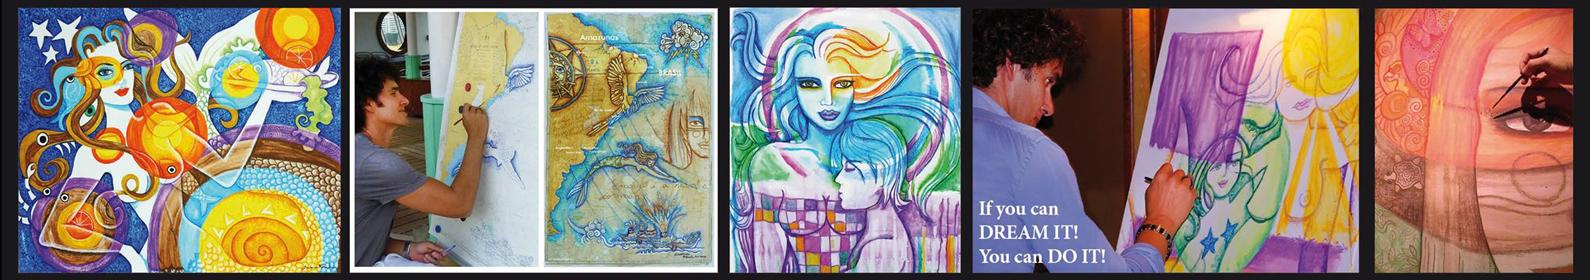 Slider-artwork-Anderson-Farah-malenr-schilderen-art-kunst-brazilian-art-braziliaanse-kunstenaar-1590x280